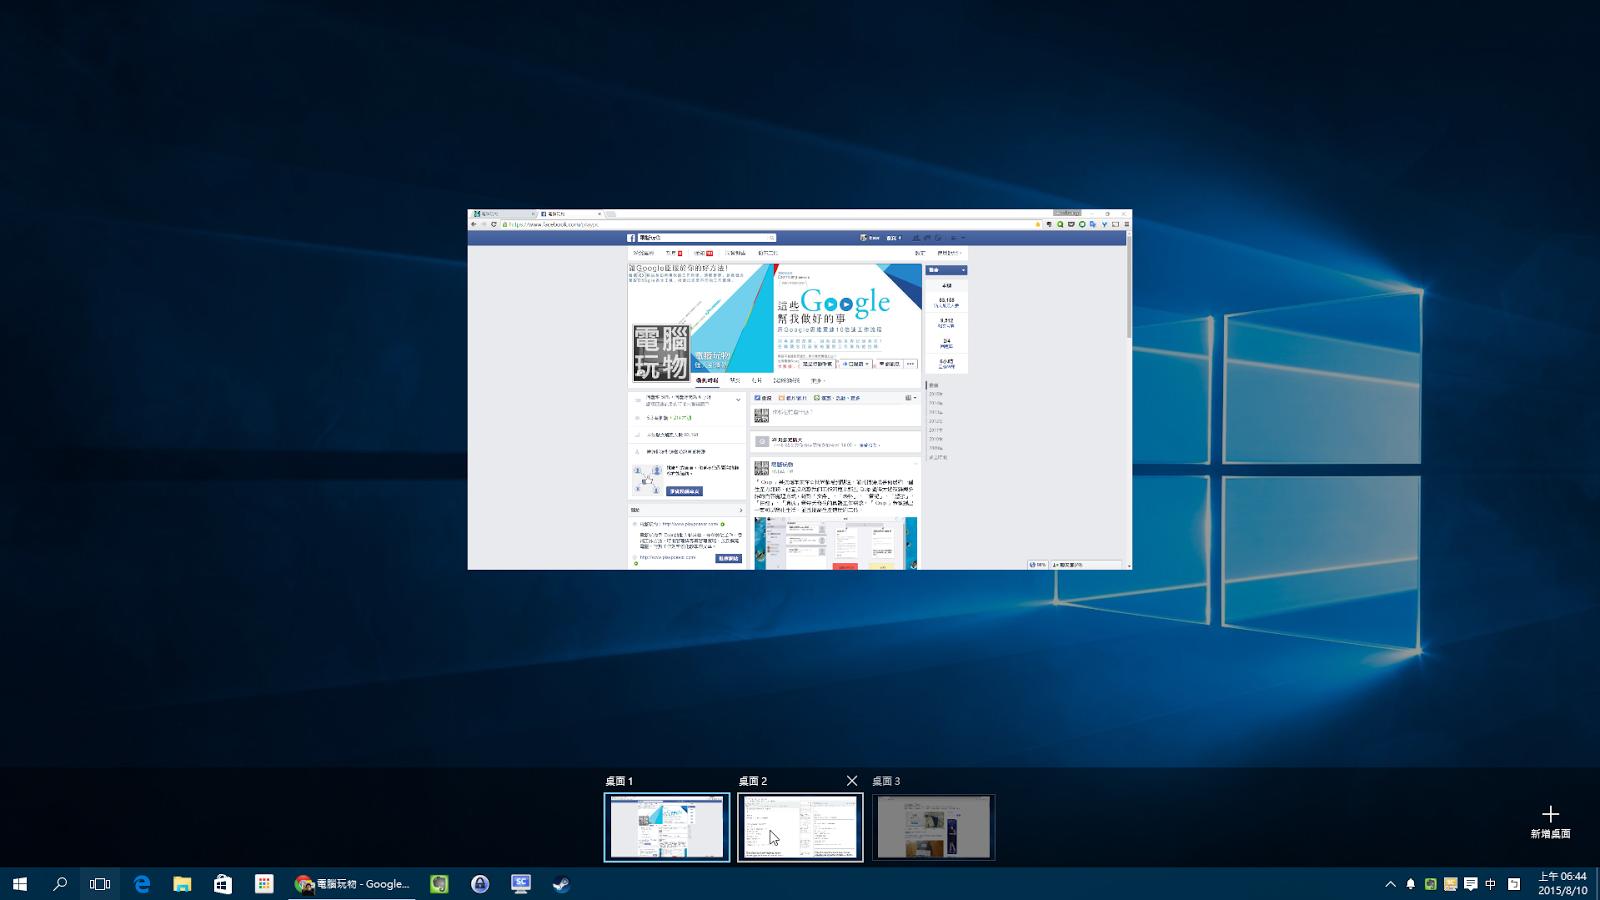 虛擬桌面快捷鍵攻略: Windows 10 必學第一工作技巧